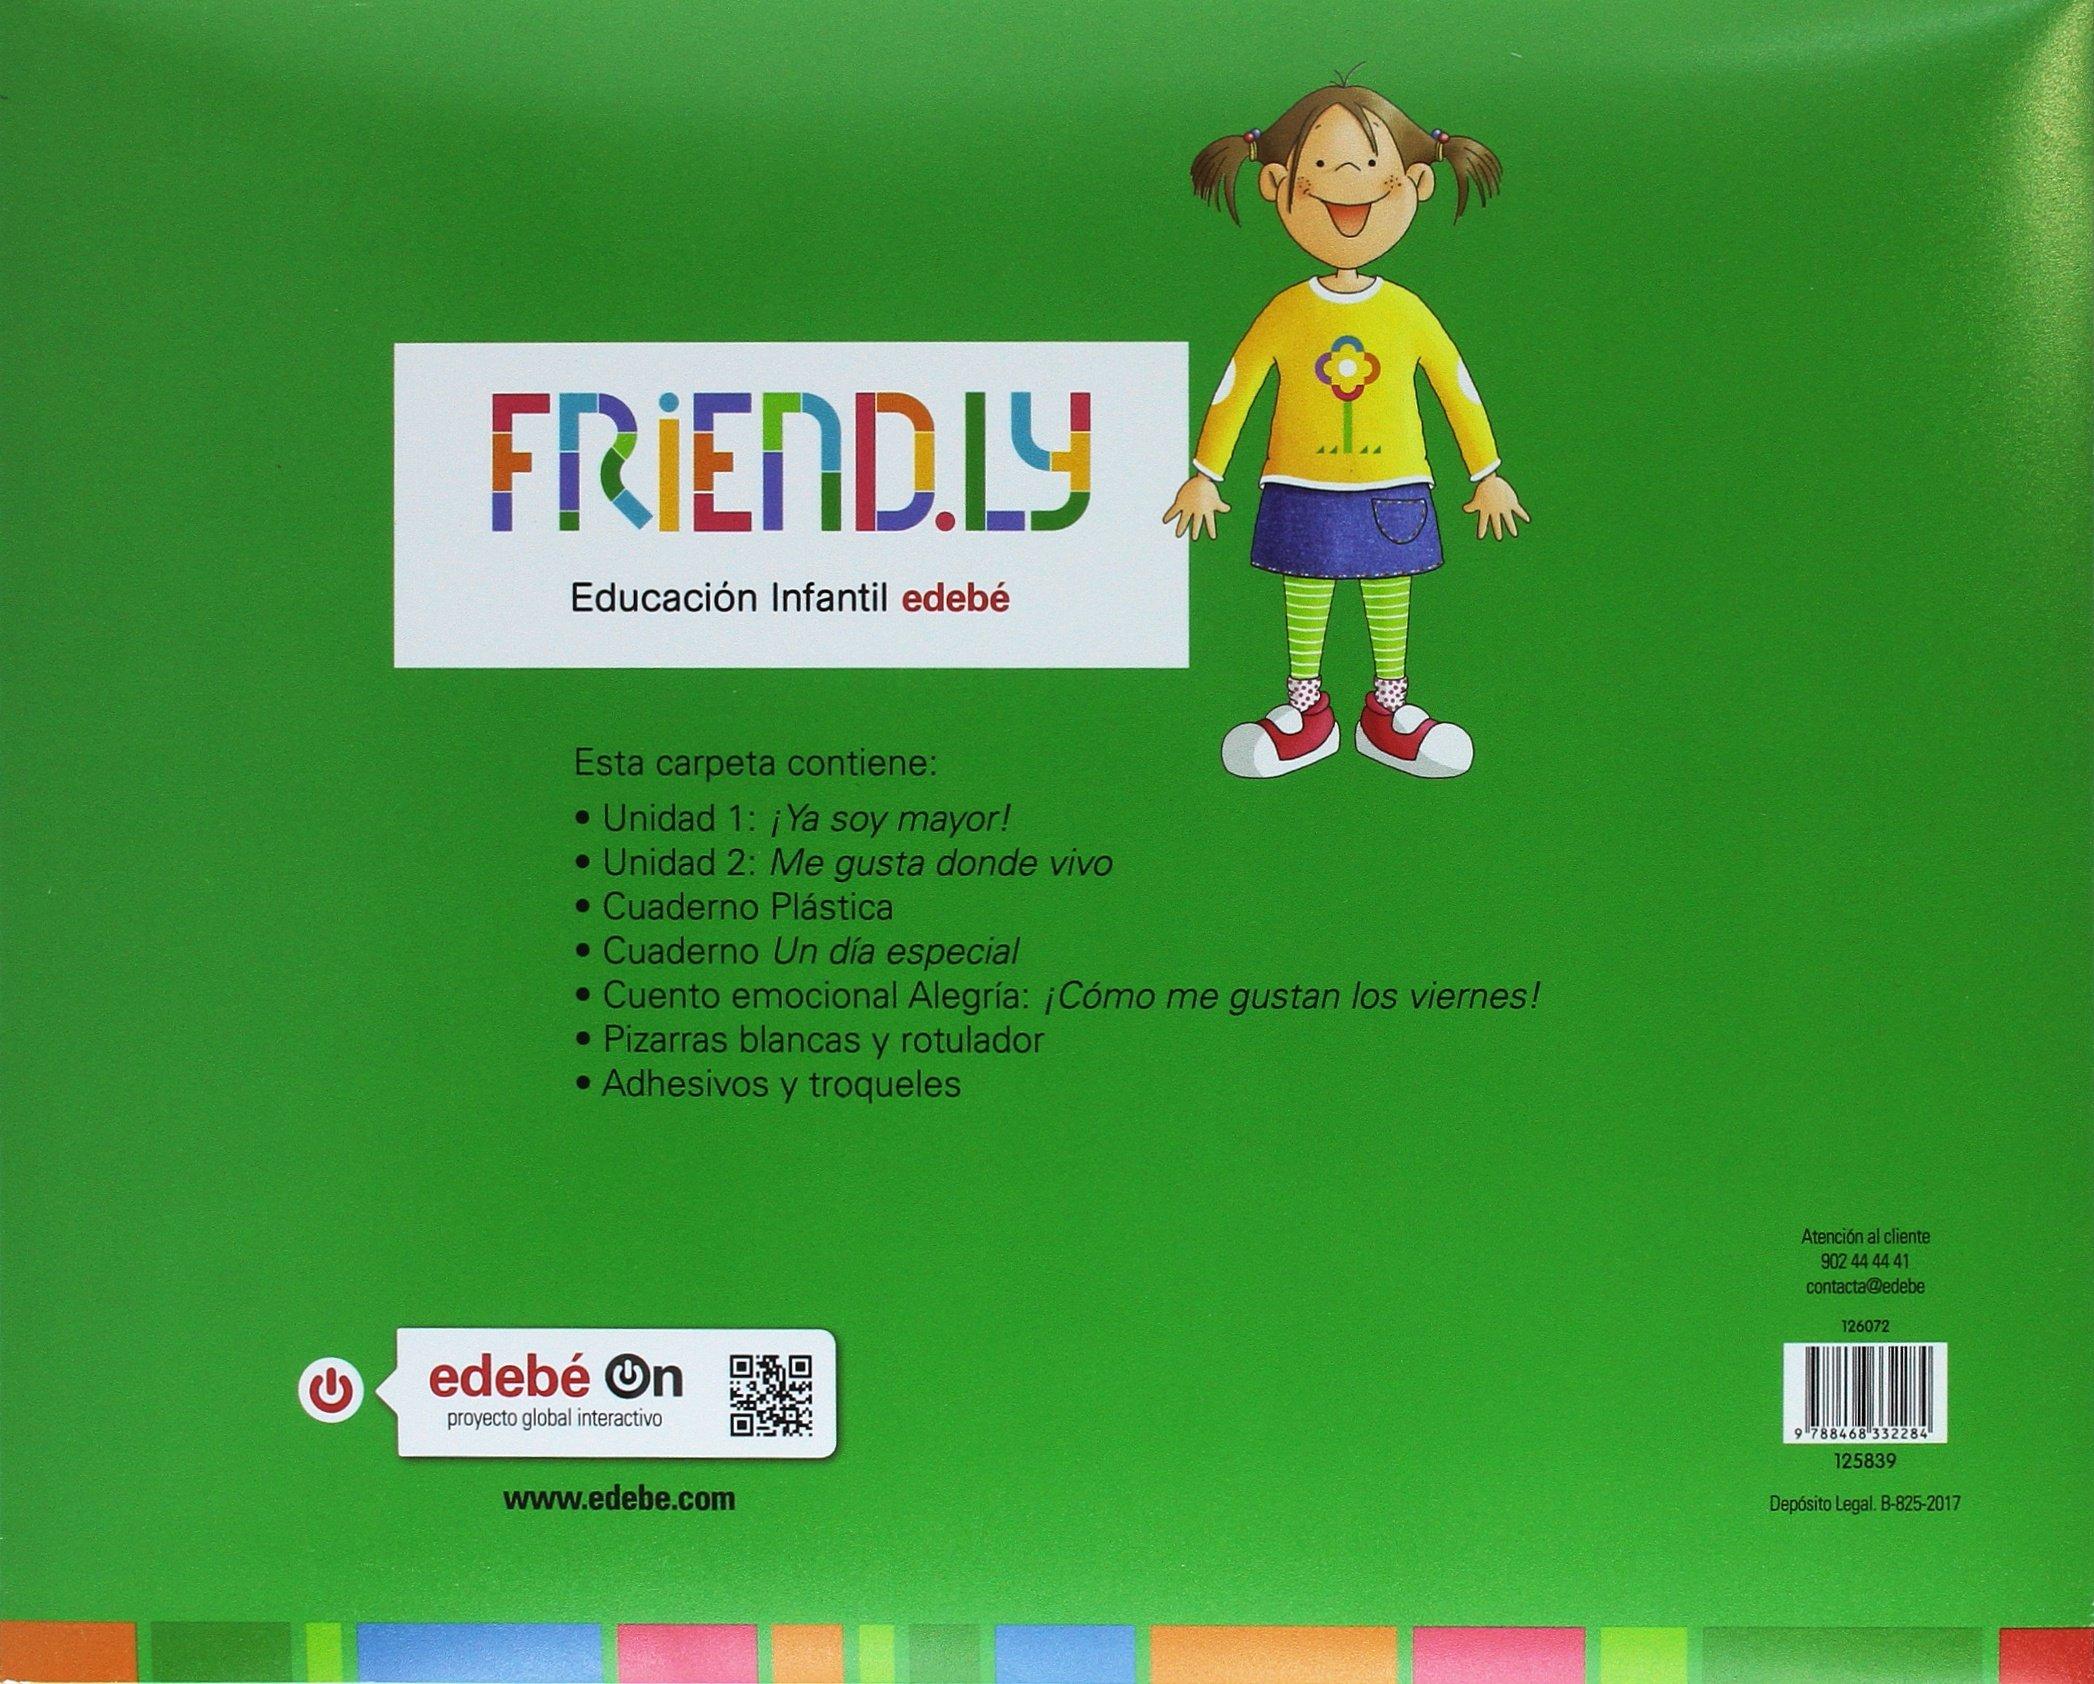 Friend.ly 5 años primer trimestre, quinto curso de educación ...